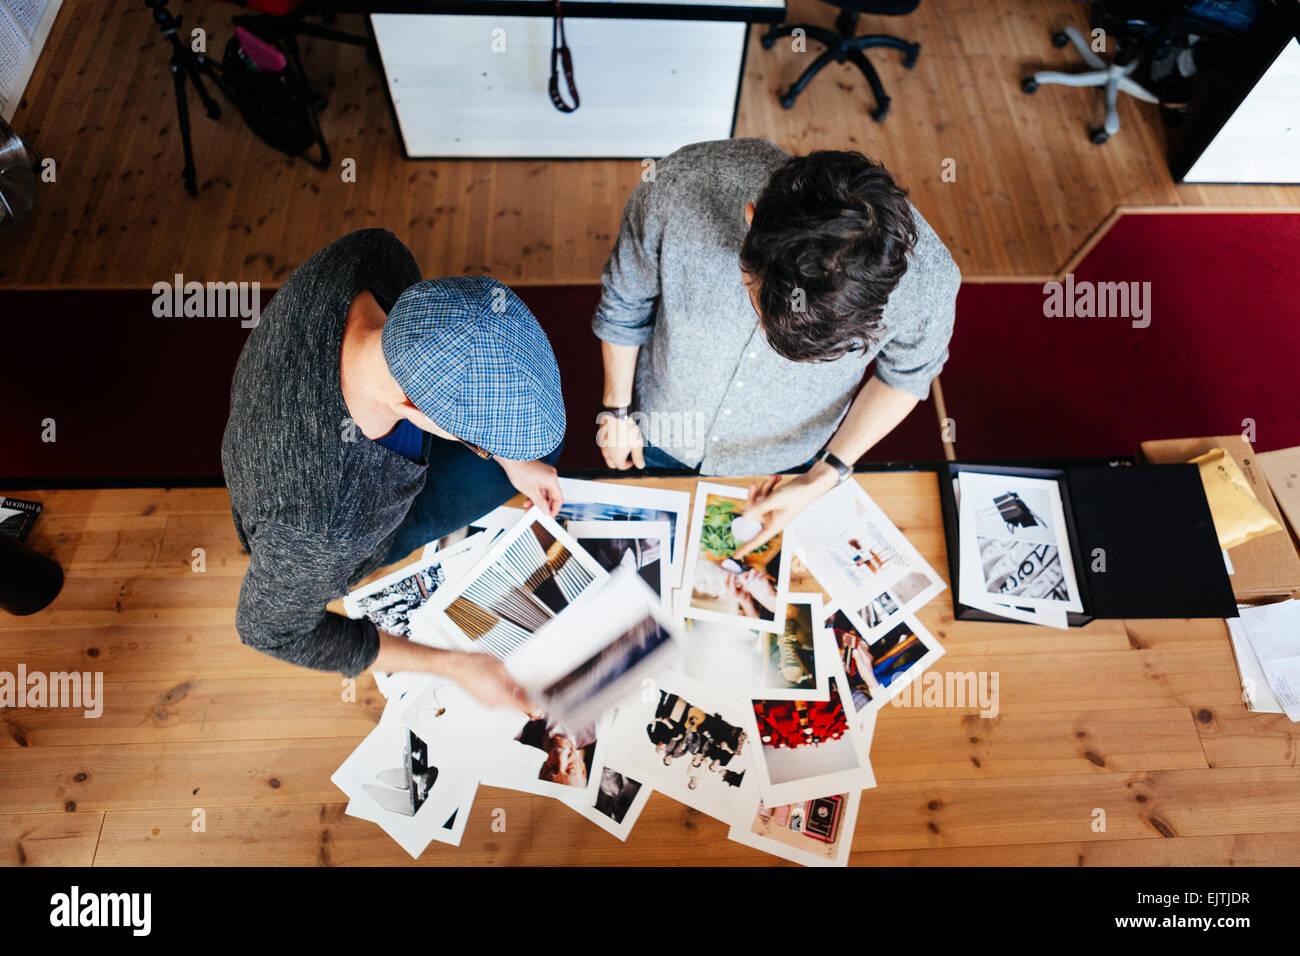 Erhöhte Ansicht von Geschäftsleuten, die Analyse von Fotografien am Schreibtisch im Büro Stockbild